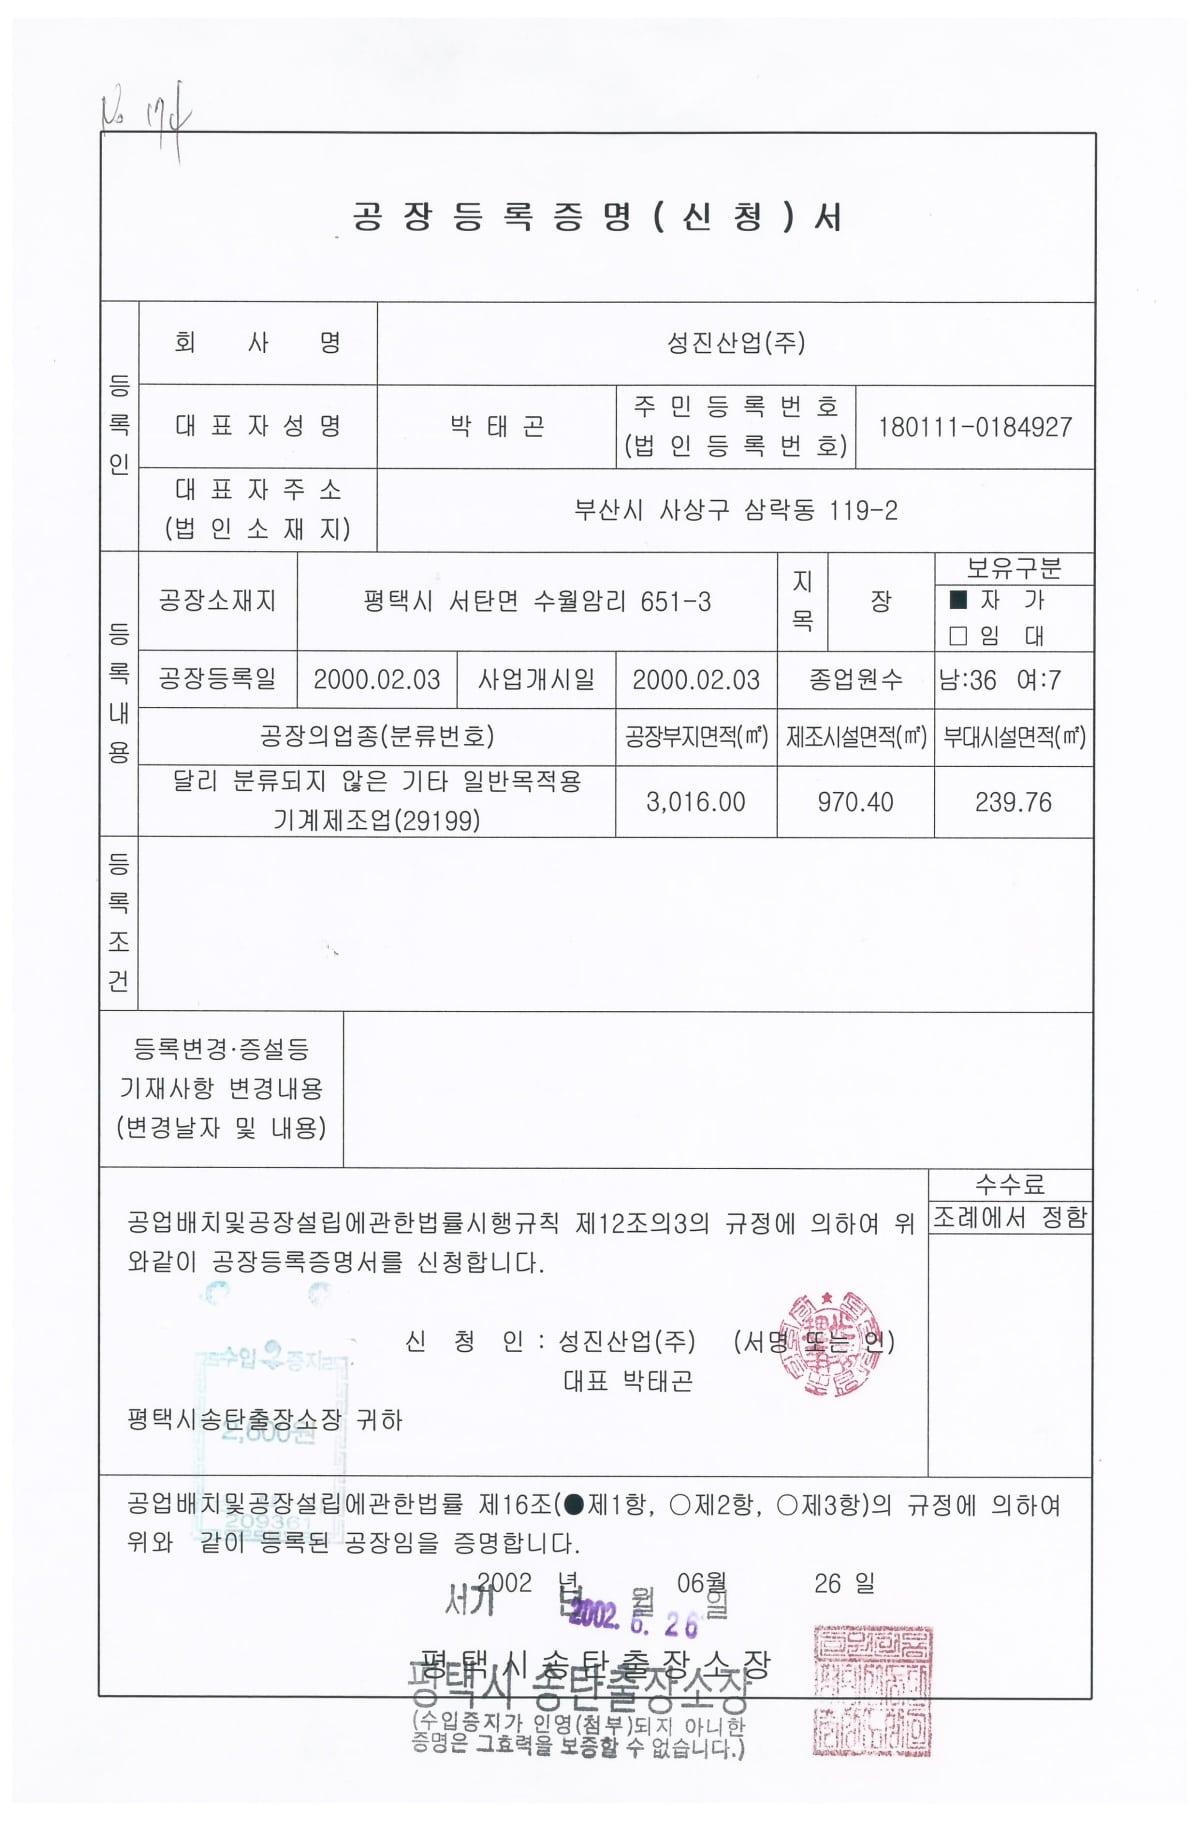 Sungjin là thương hiệu sản xuất máy móc công nghiệp lạnh nổi tiếng tại Hàn Quốc. Một số hình ảnh giấy chứng nhận mà công ty Sungjin cung cấp cho Kikentech